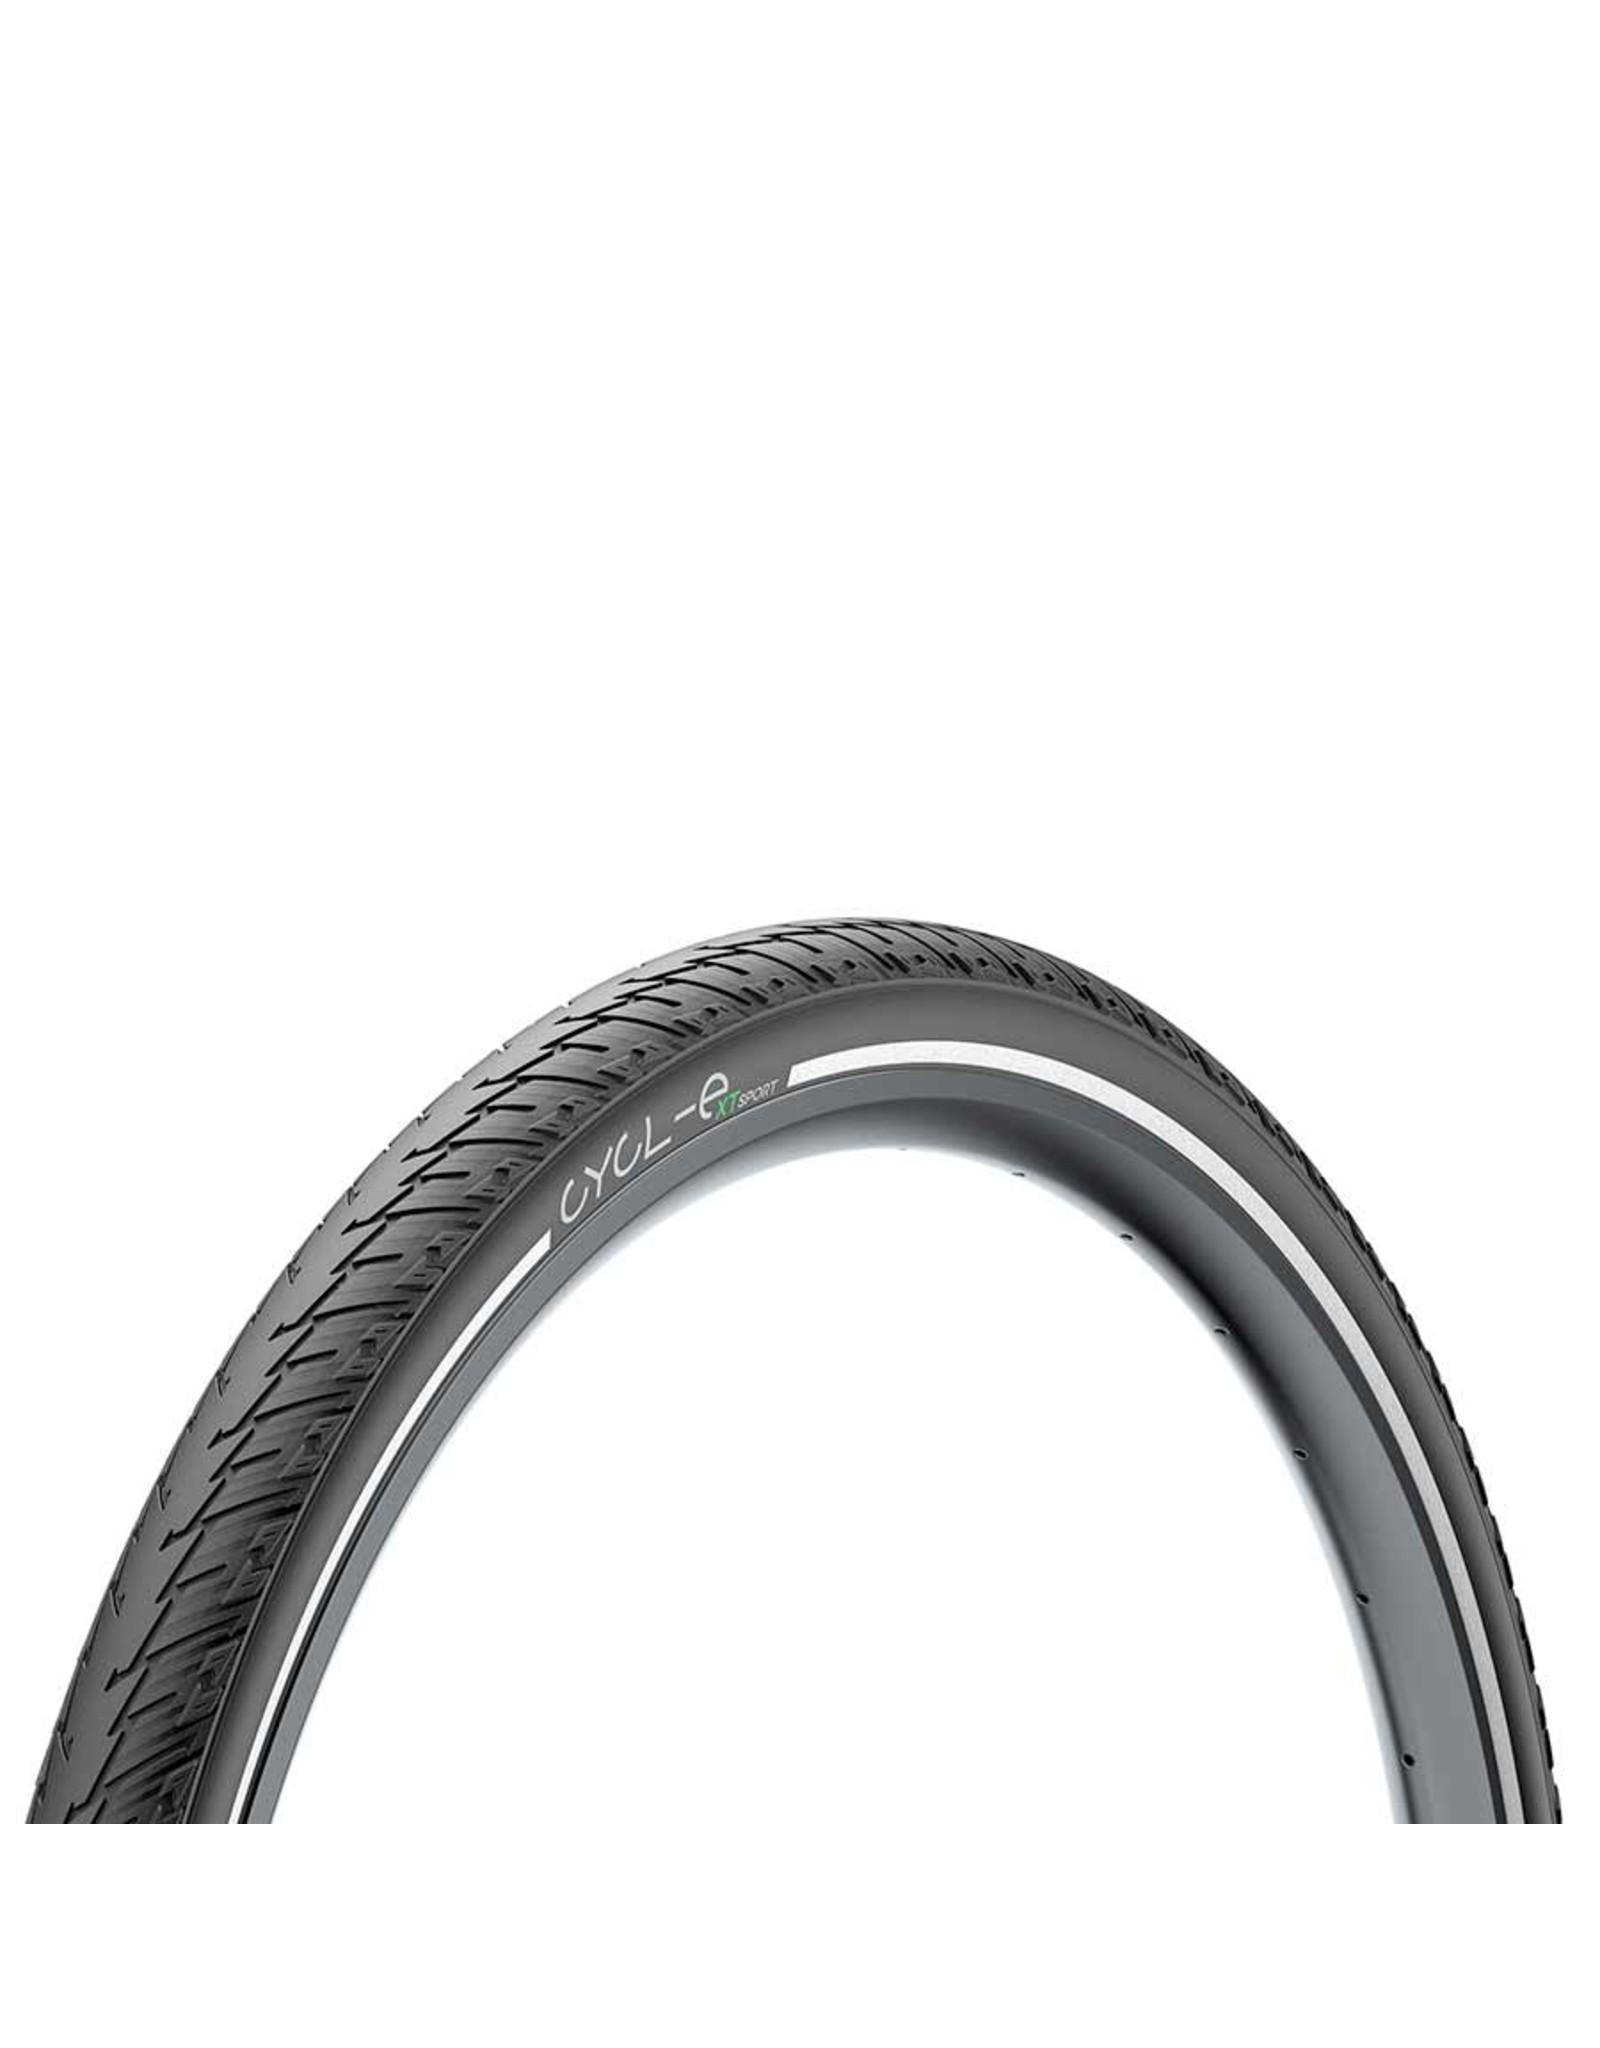 Pirelli Pirelli, Cycl-e XTs, Tire, 700x45C, Wire, Clincher, Black